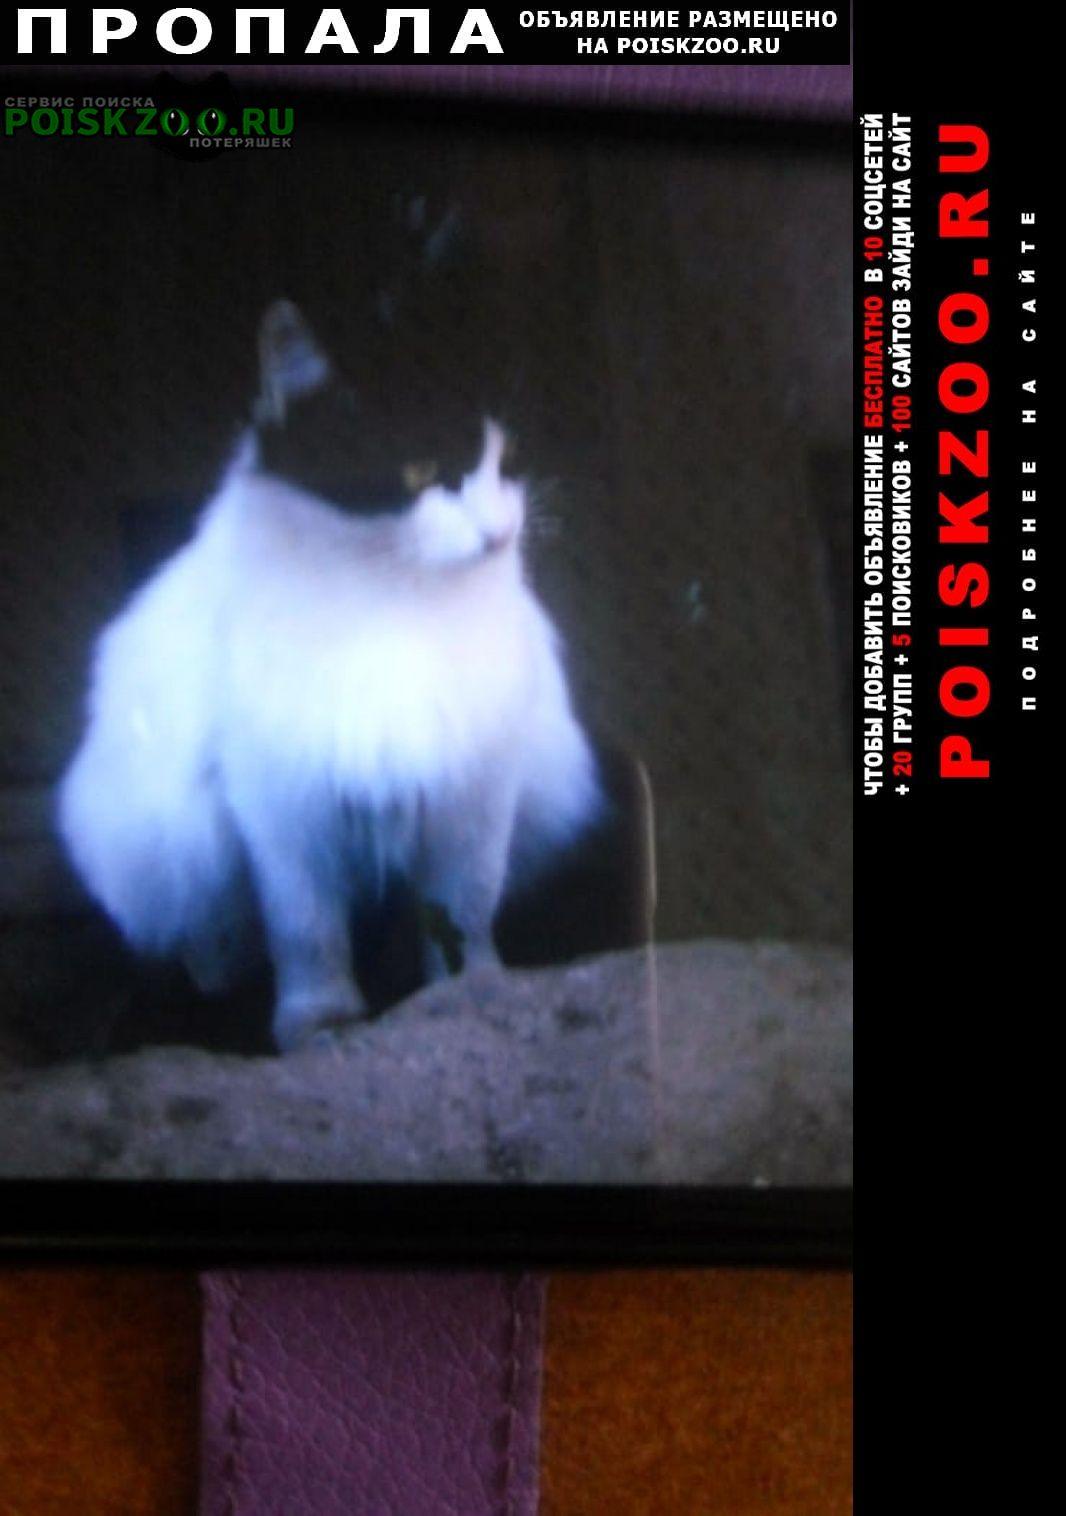 Пропала кошка кличка:маша, окрас: бело-черный Москва